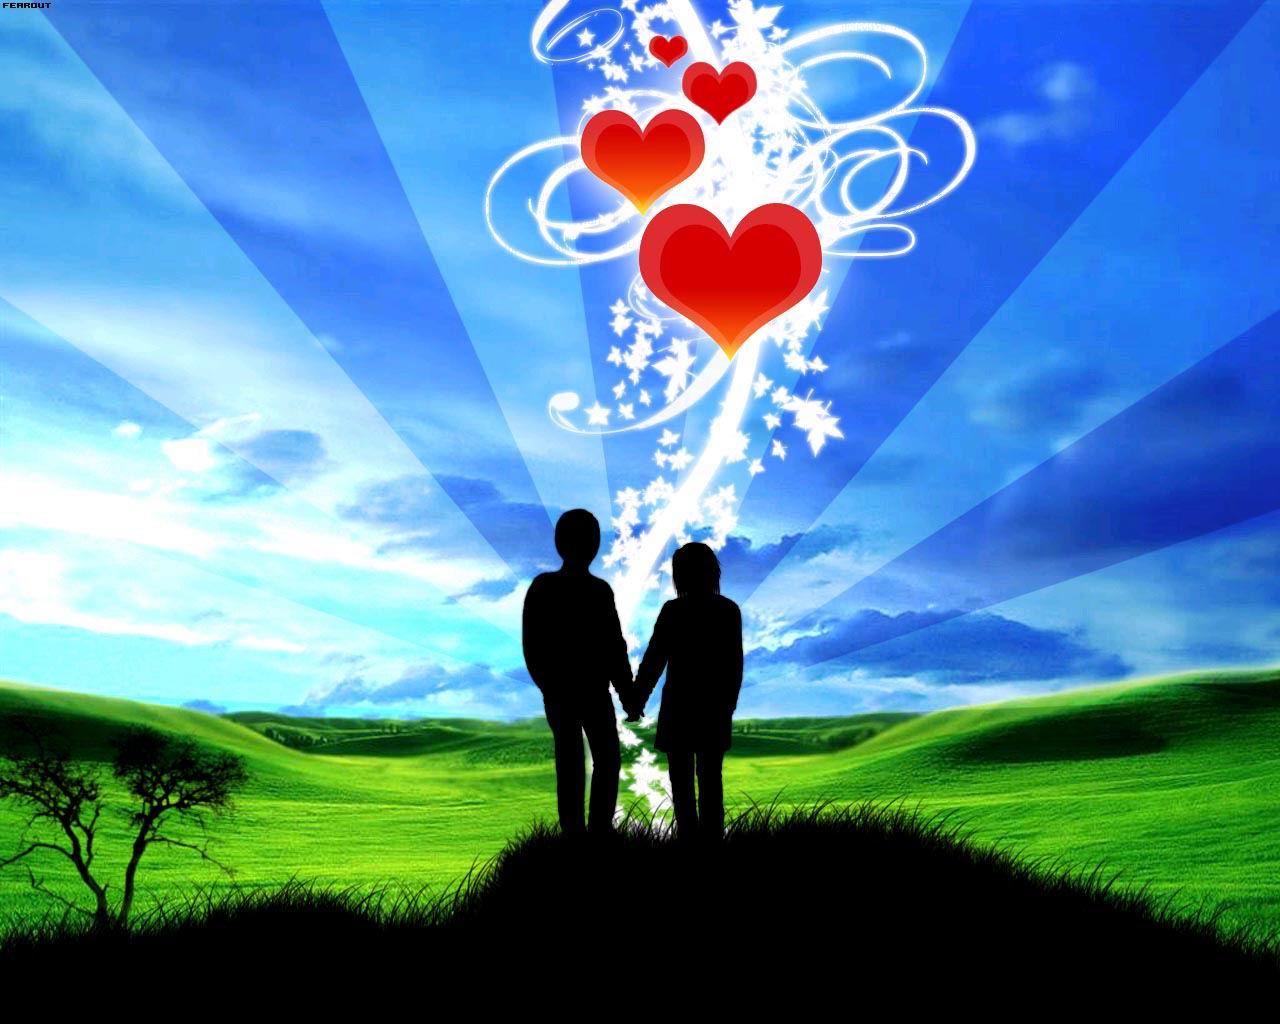 http://2.bp.blogspot.com/-Ktngq6I-3QY/TgtTcldlCTI/AAAAAAAAA3U/pBLCuRn2KUM/s1600/love_wallpaper_111.jpg